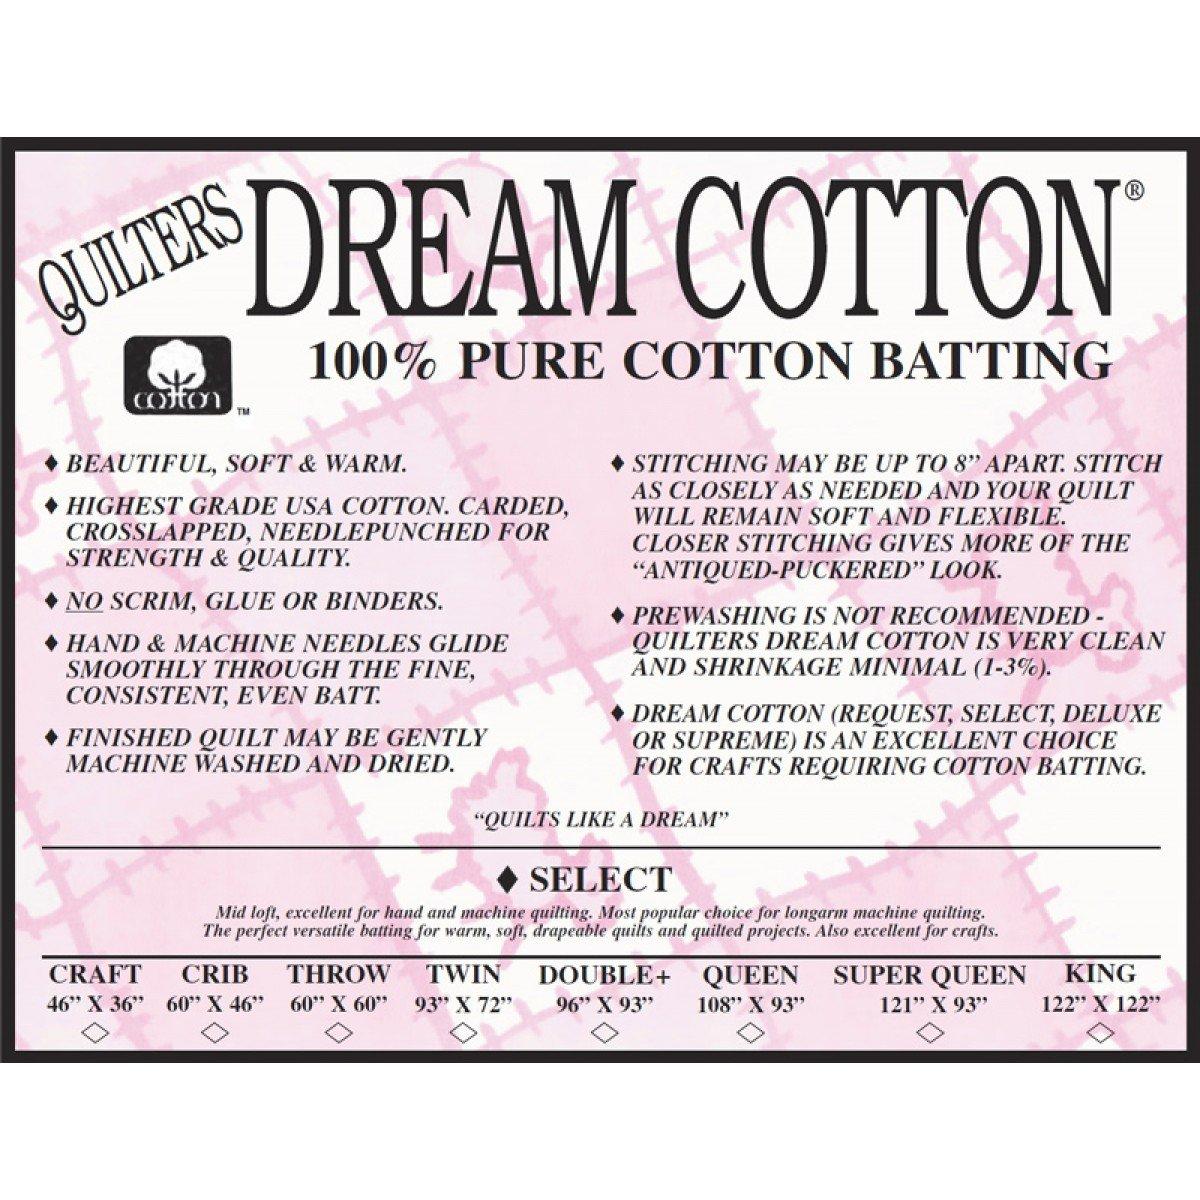 Dream Cotton Select Natural Crib 46 x 60